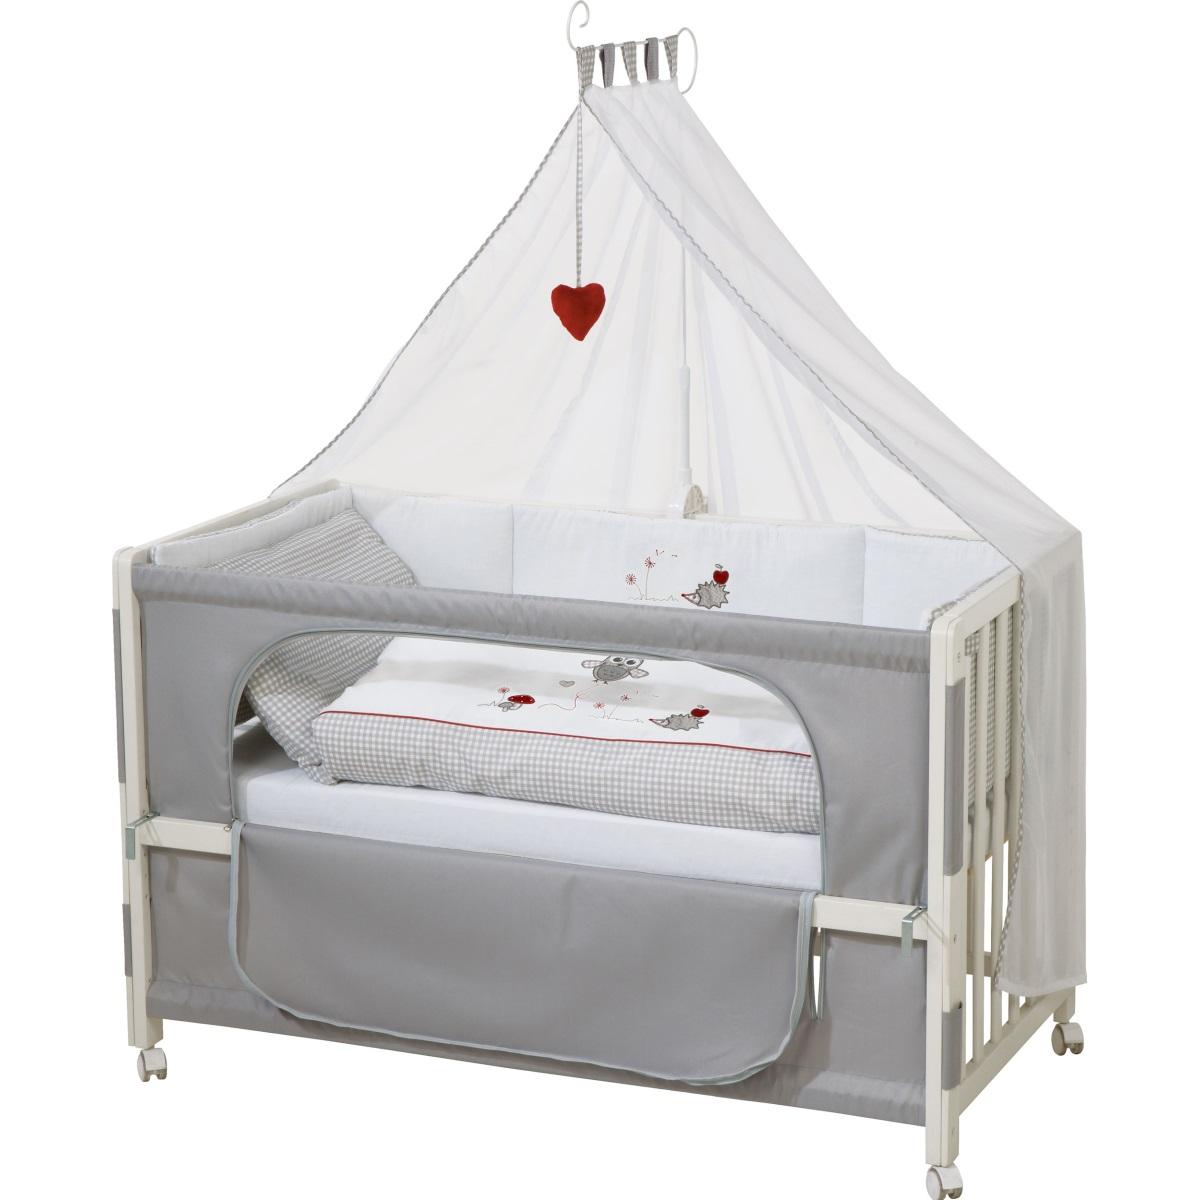 Full Size of Möbel Boss Betten Babybett Holz Teilmassiv Wei Ca 60 120 Cm Mbel Garten Loungemöbel Schlafzimmer Kopfteile Für Französische Team 7 Günstige 140x200 Rauch Bett Möbel Boss Betten